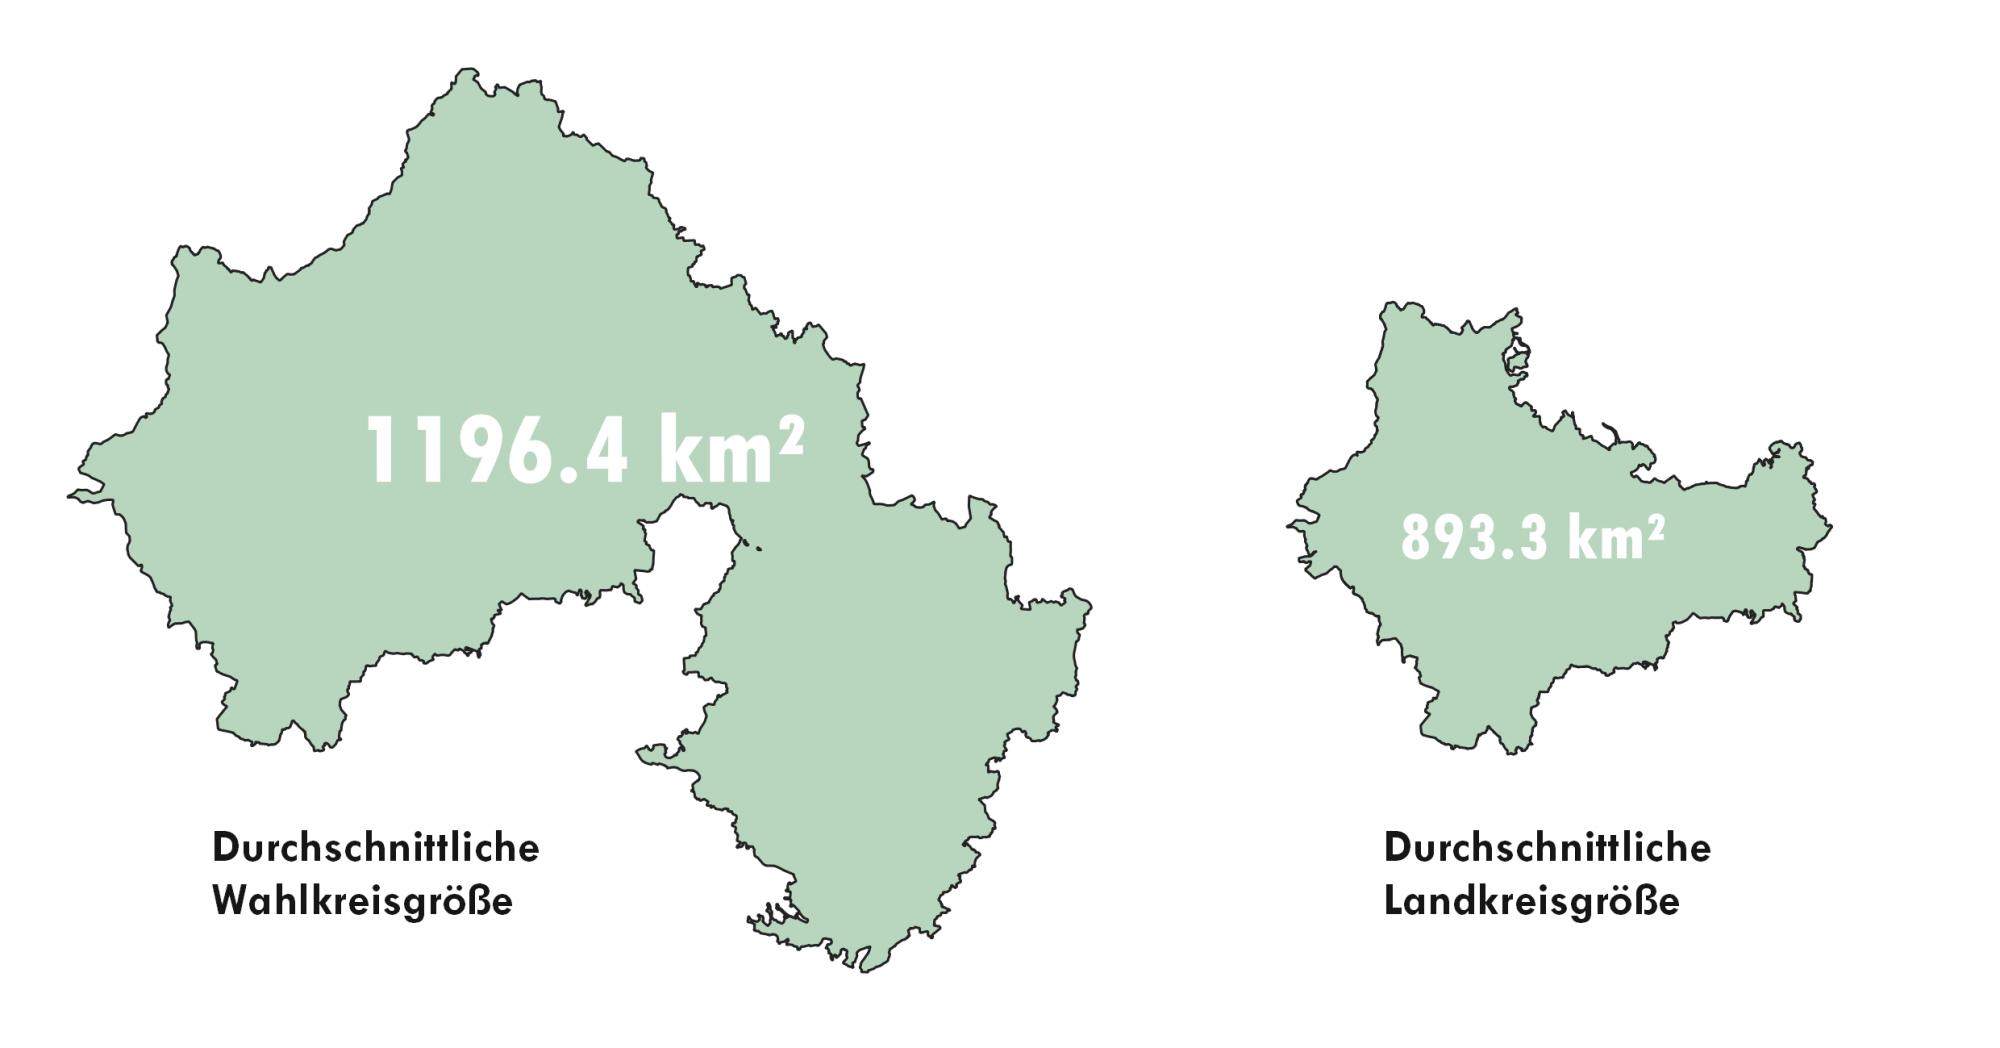 Vergleich der Flächen im Mittel zwischen Landkreises und Wahlkreisen für die Bundestagswahl 2021